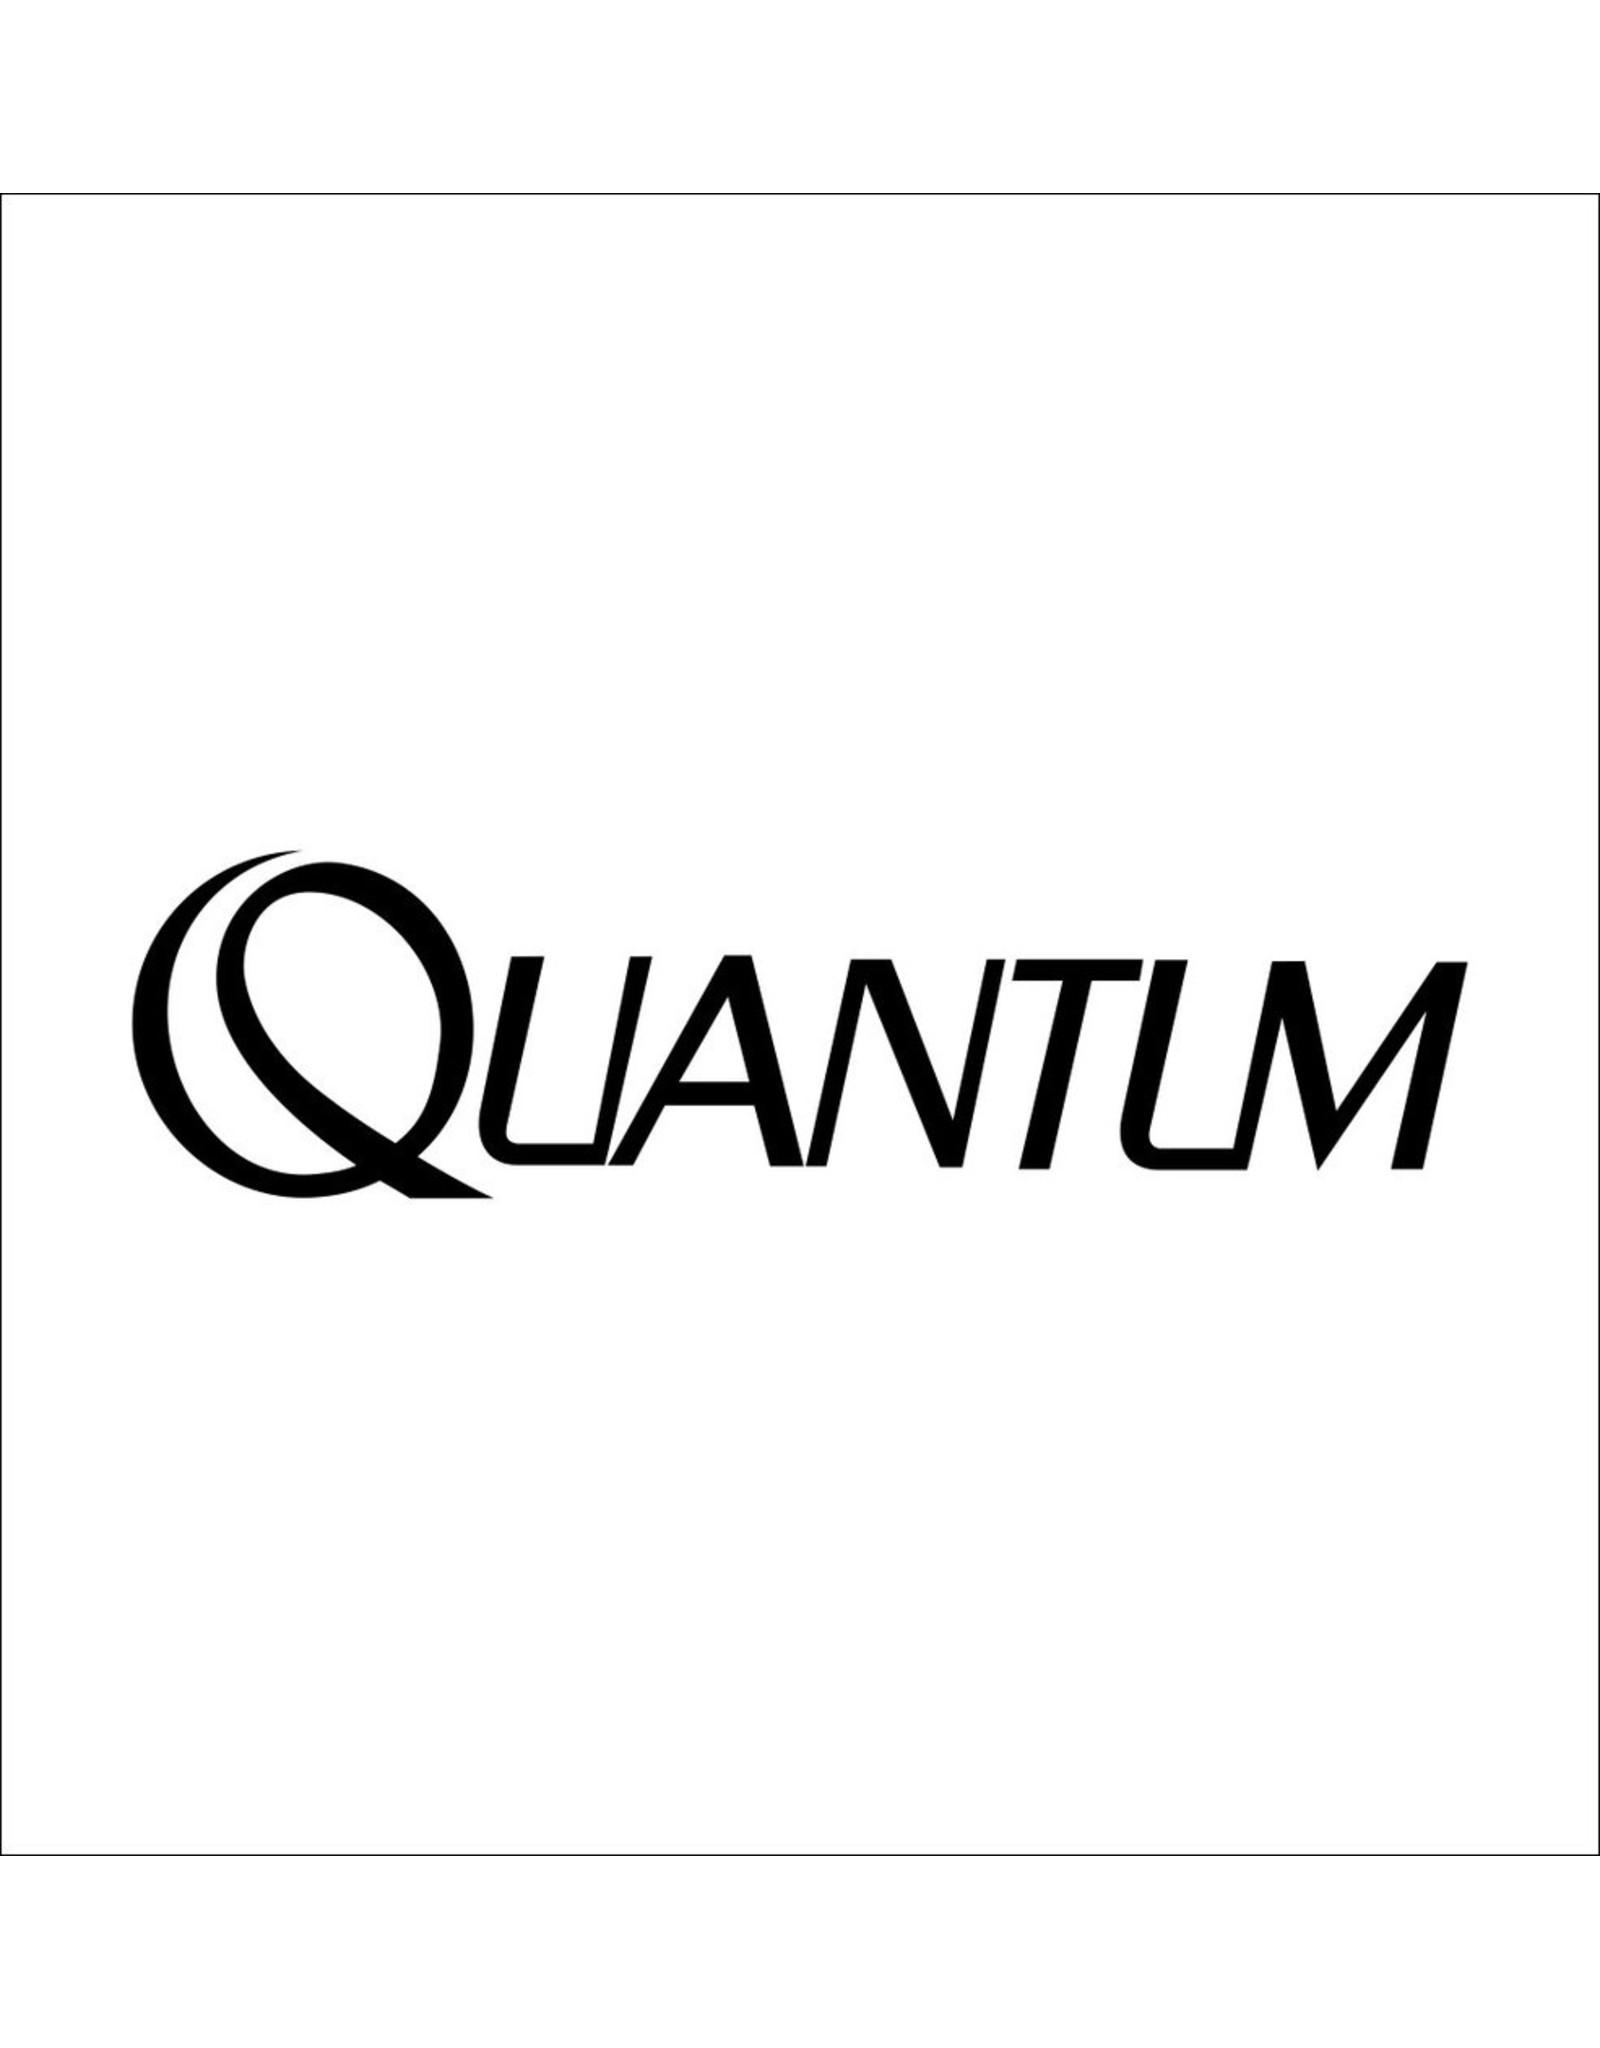 Quantum BODY COVER SCREW KIT